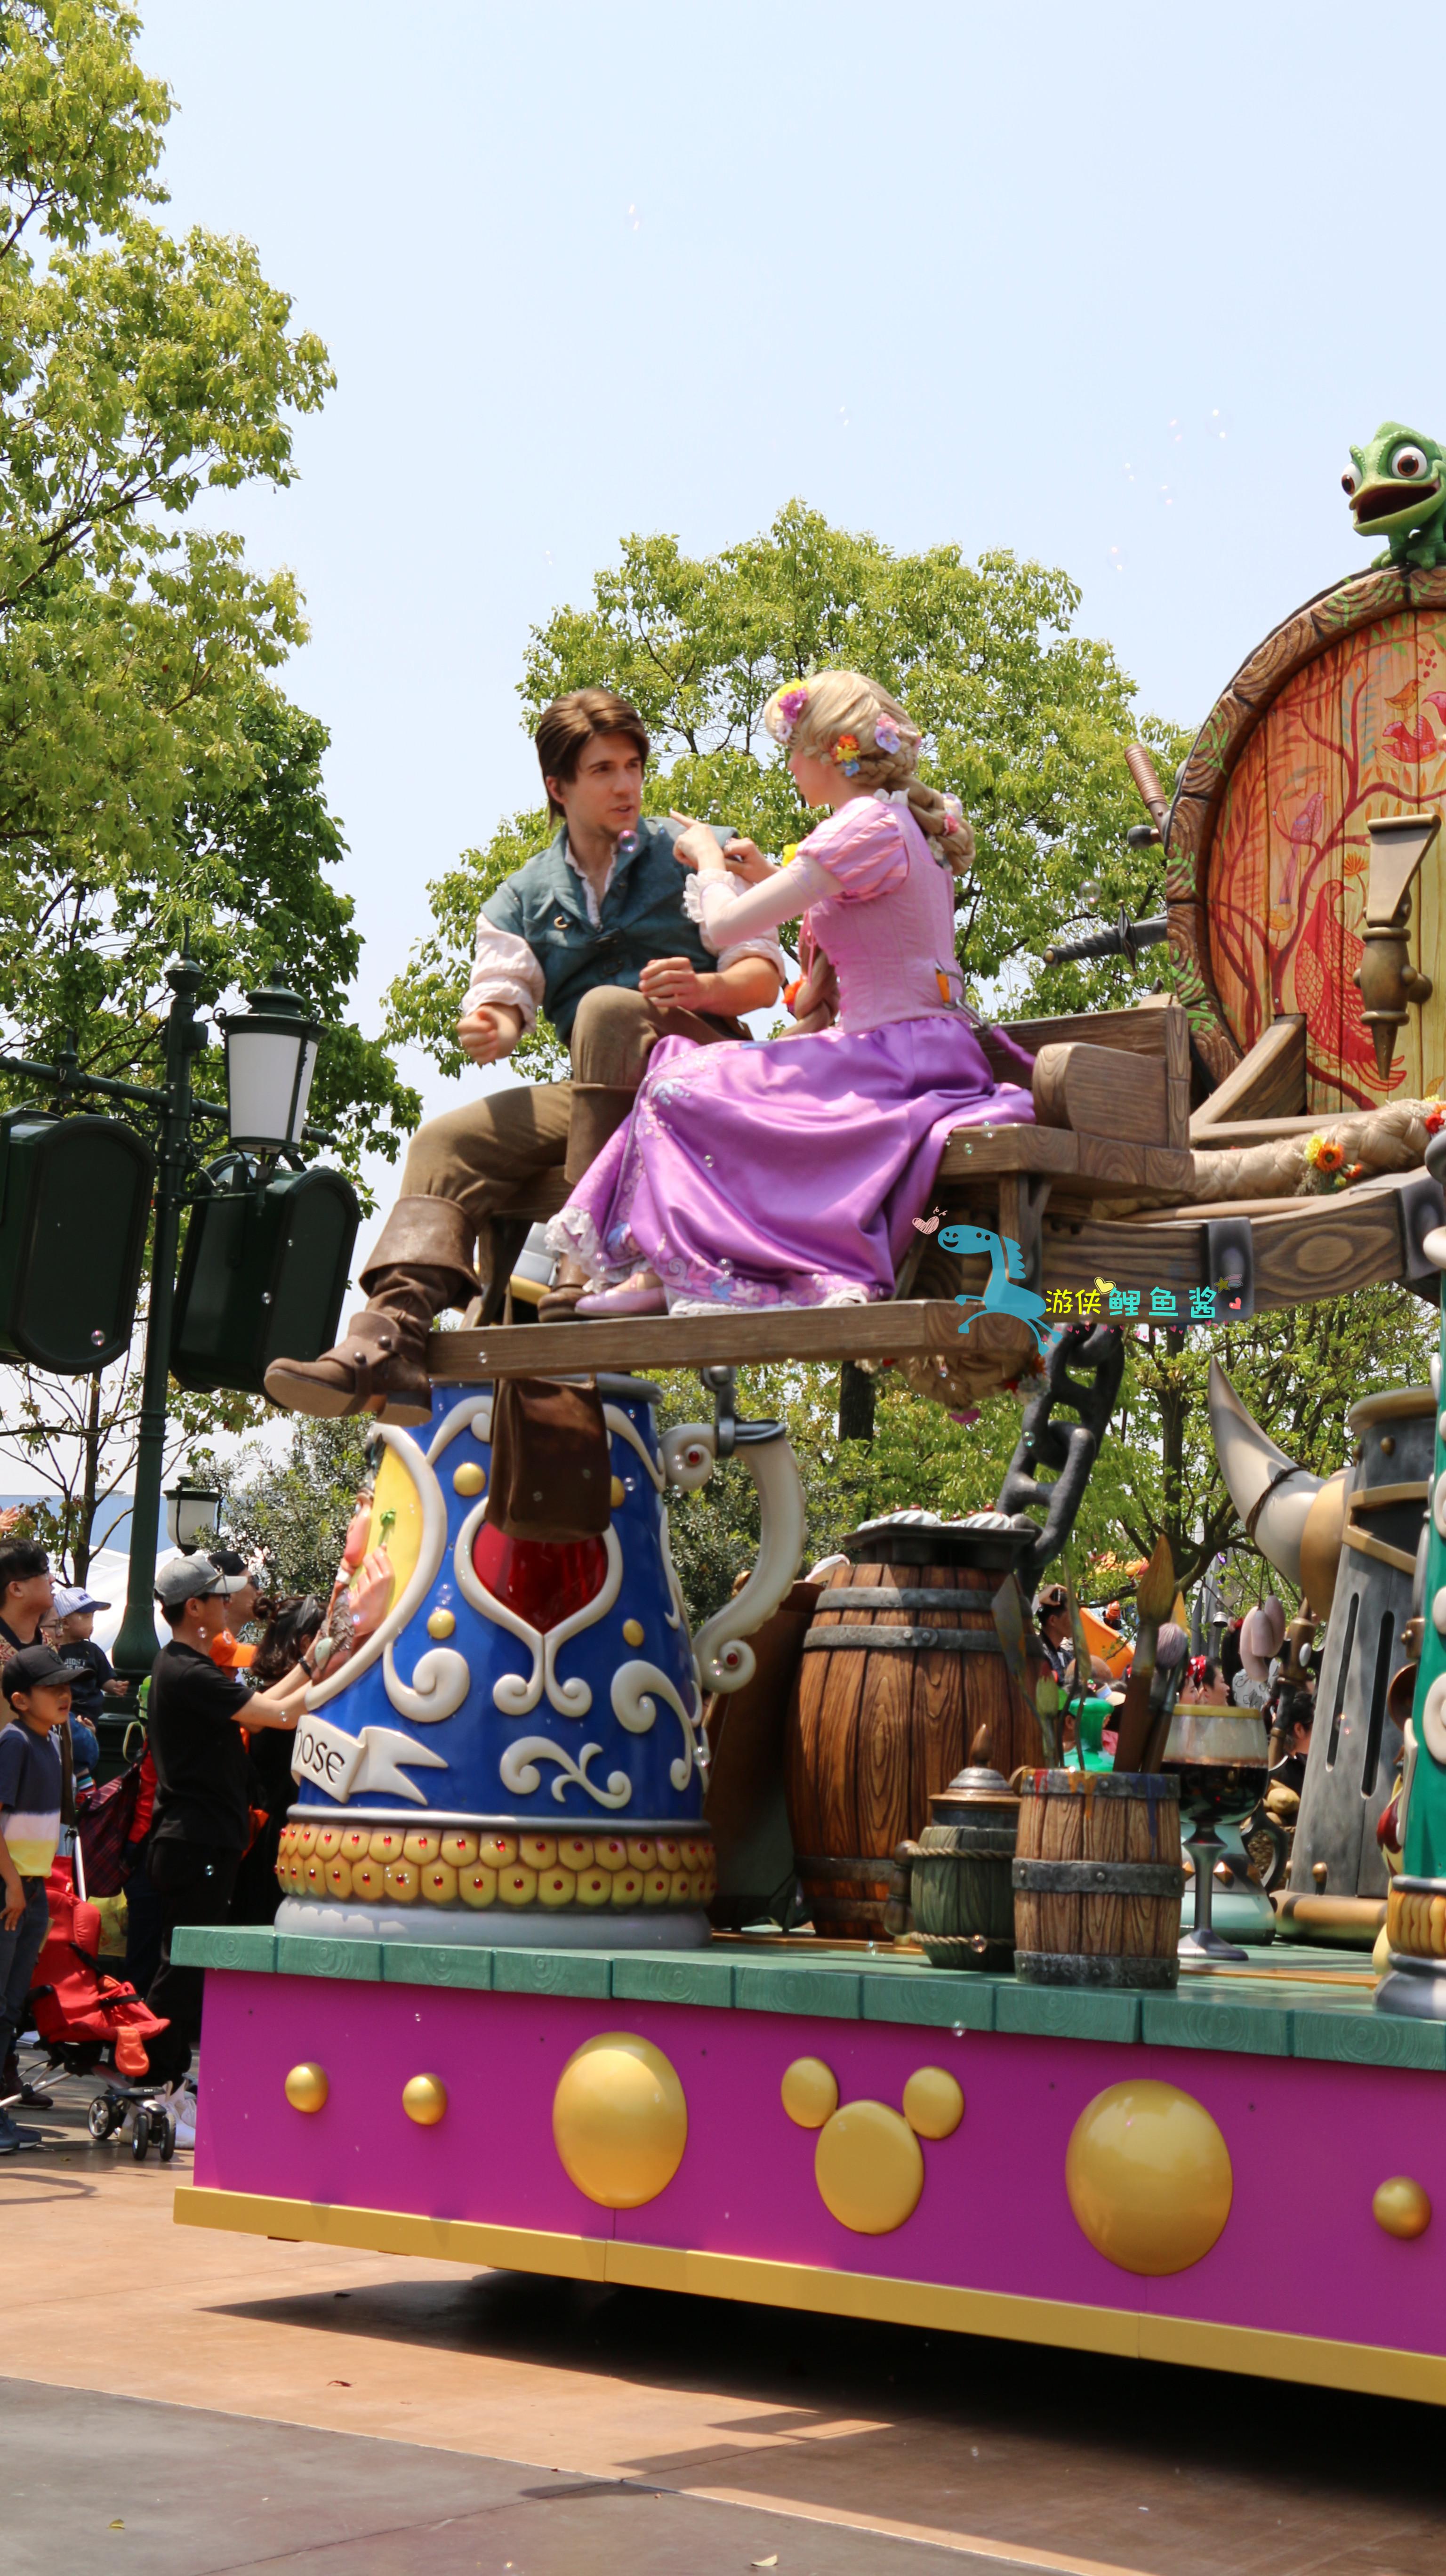 迪士尼欢乐巡游